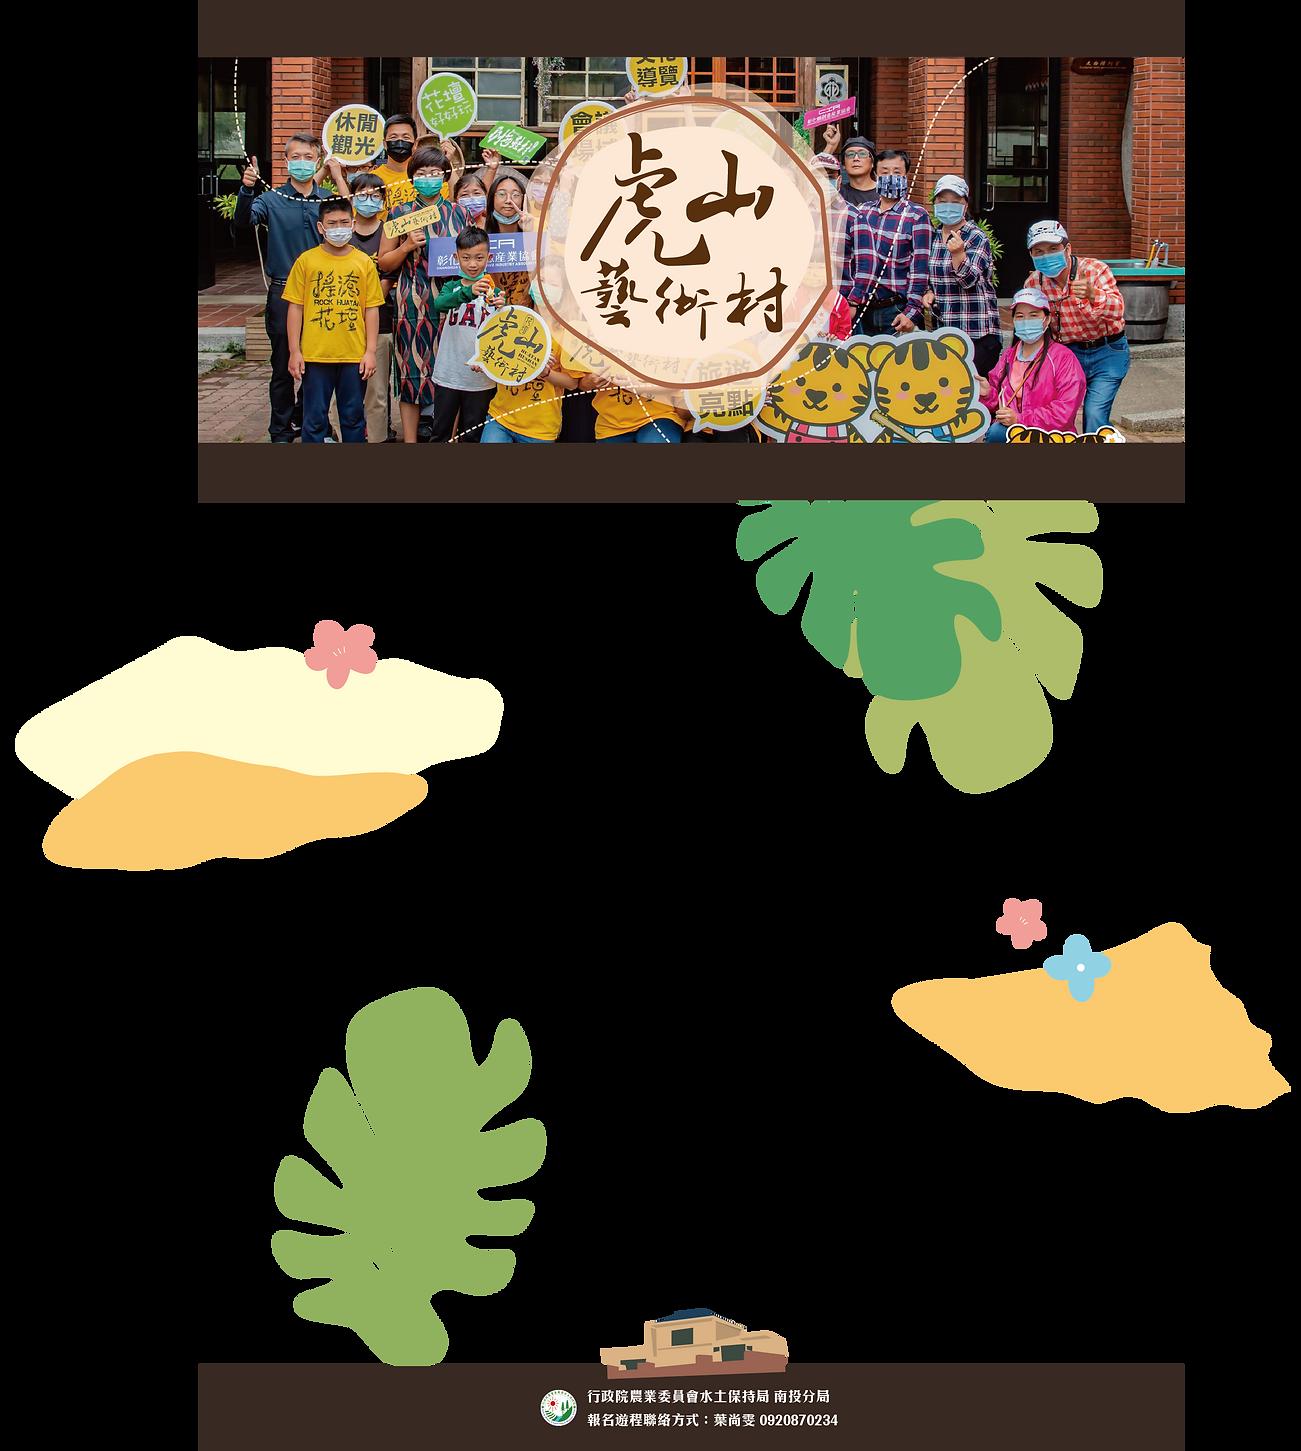 虎山藝術村網頁-首頁-01.png